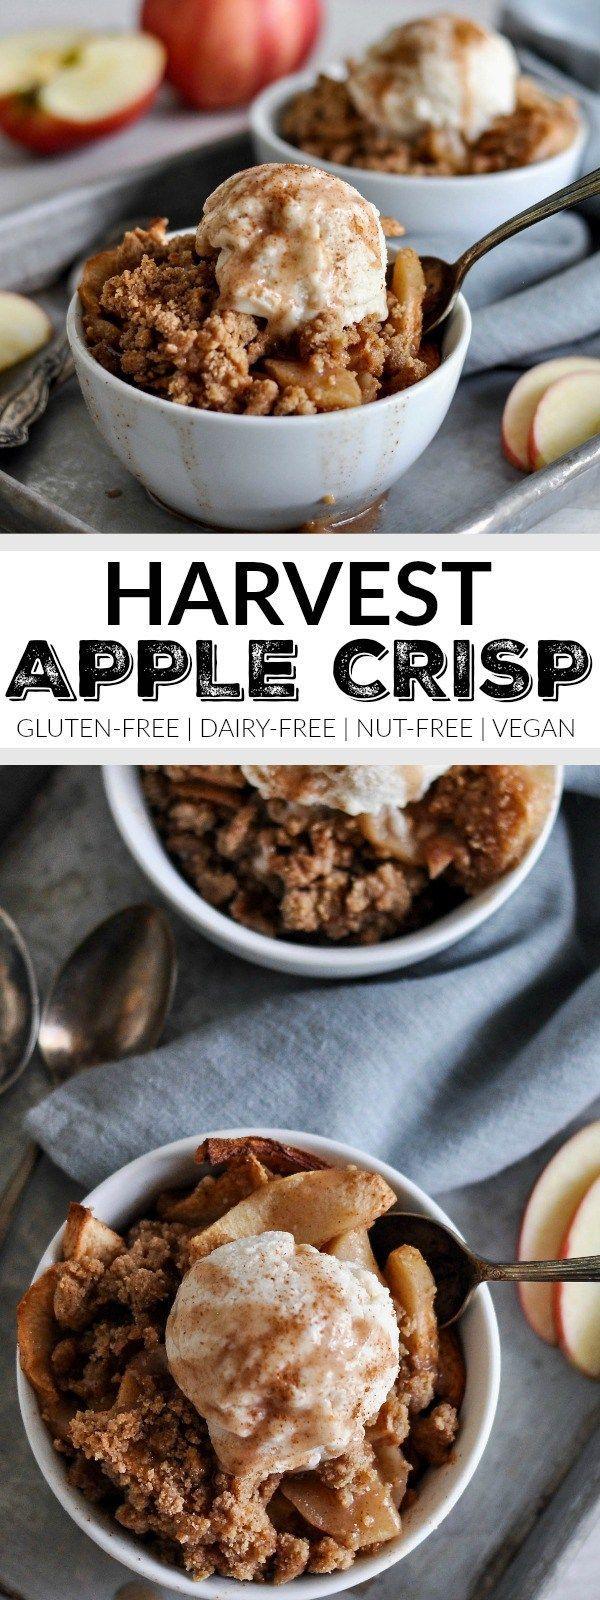 Gluten-free Harvest Apple Crisp